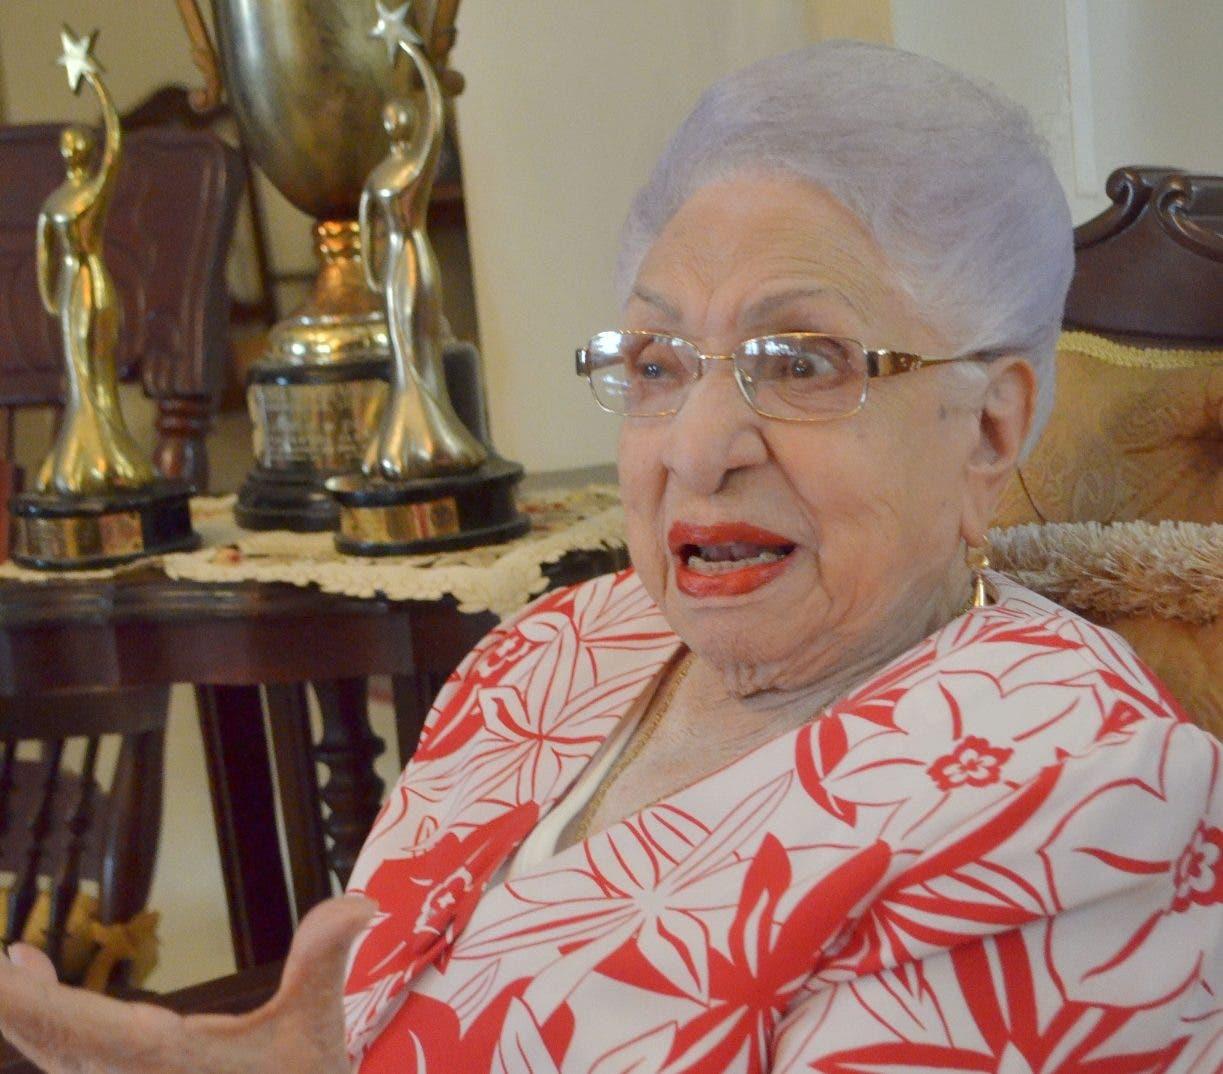 María Cristina  habla    del ante  del primer Gran Micrófono de Oro, y dos  Casandra.   Ana Mármol